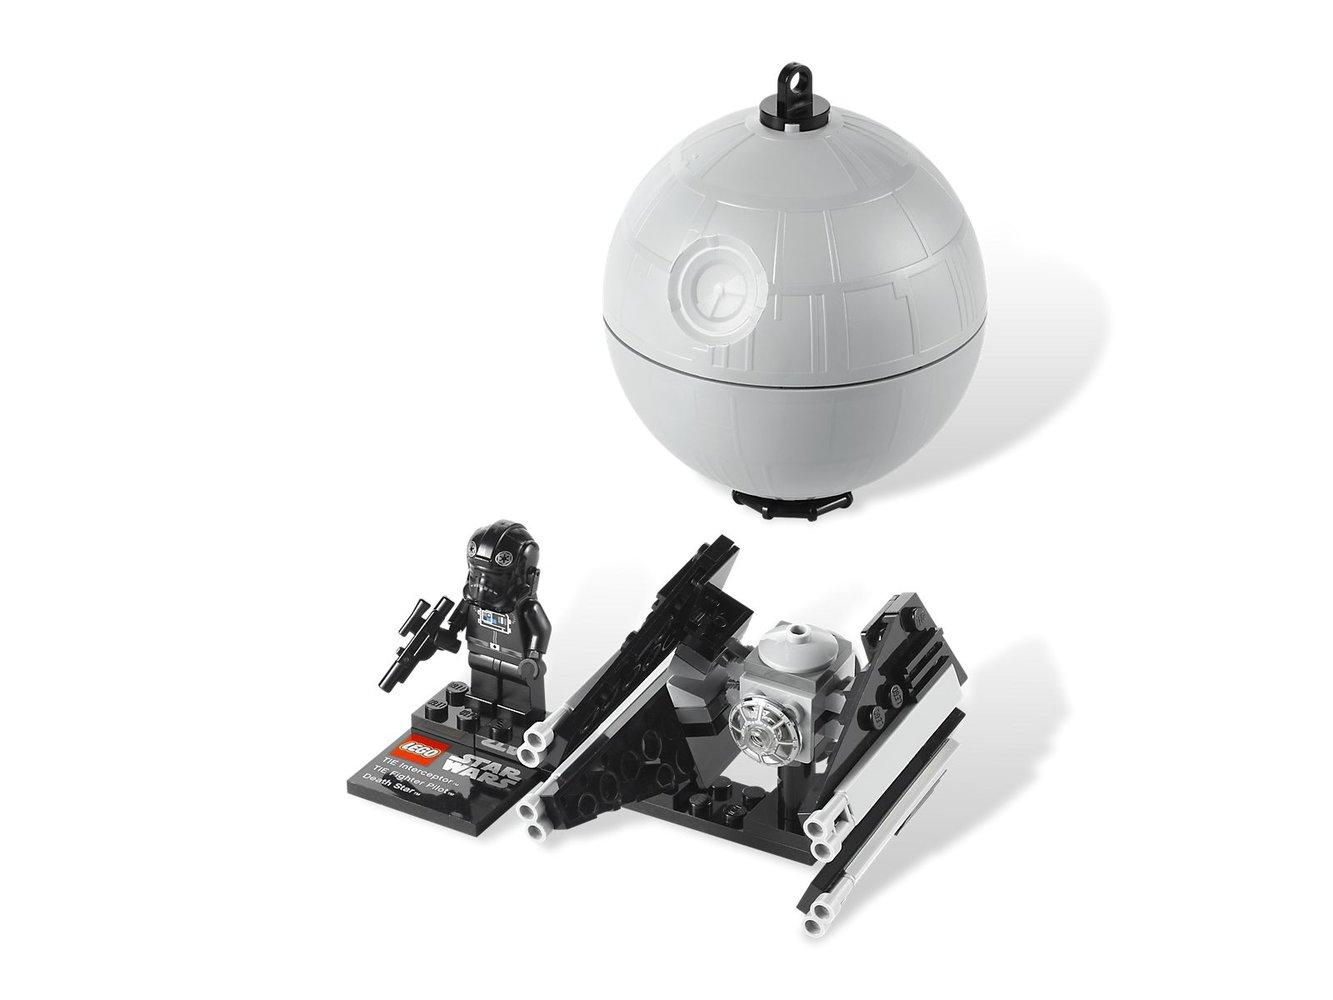 TIE Interceptor & Death Star